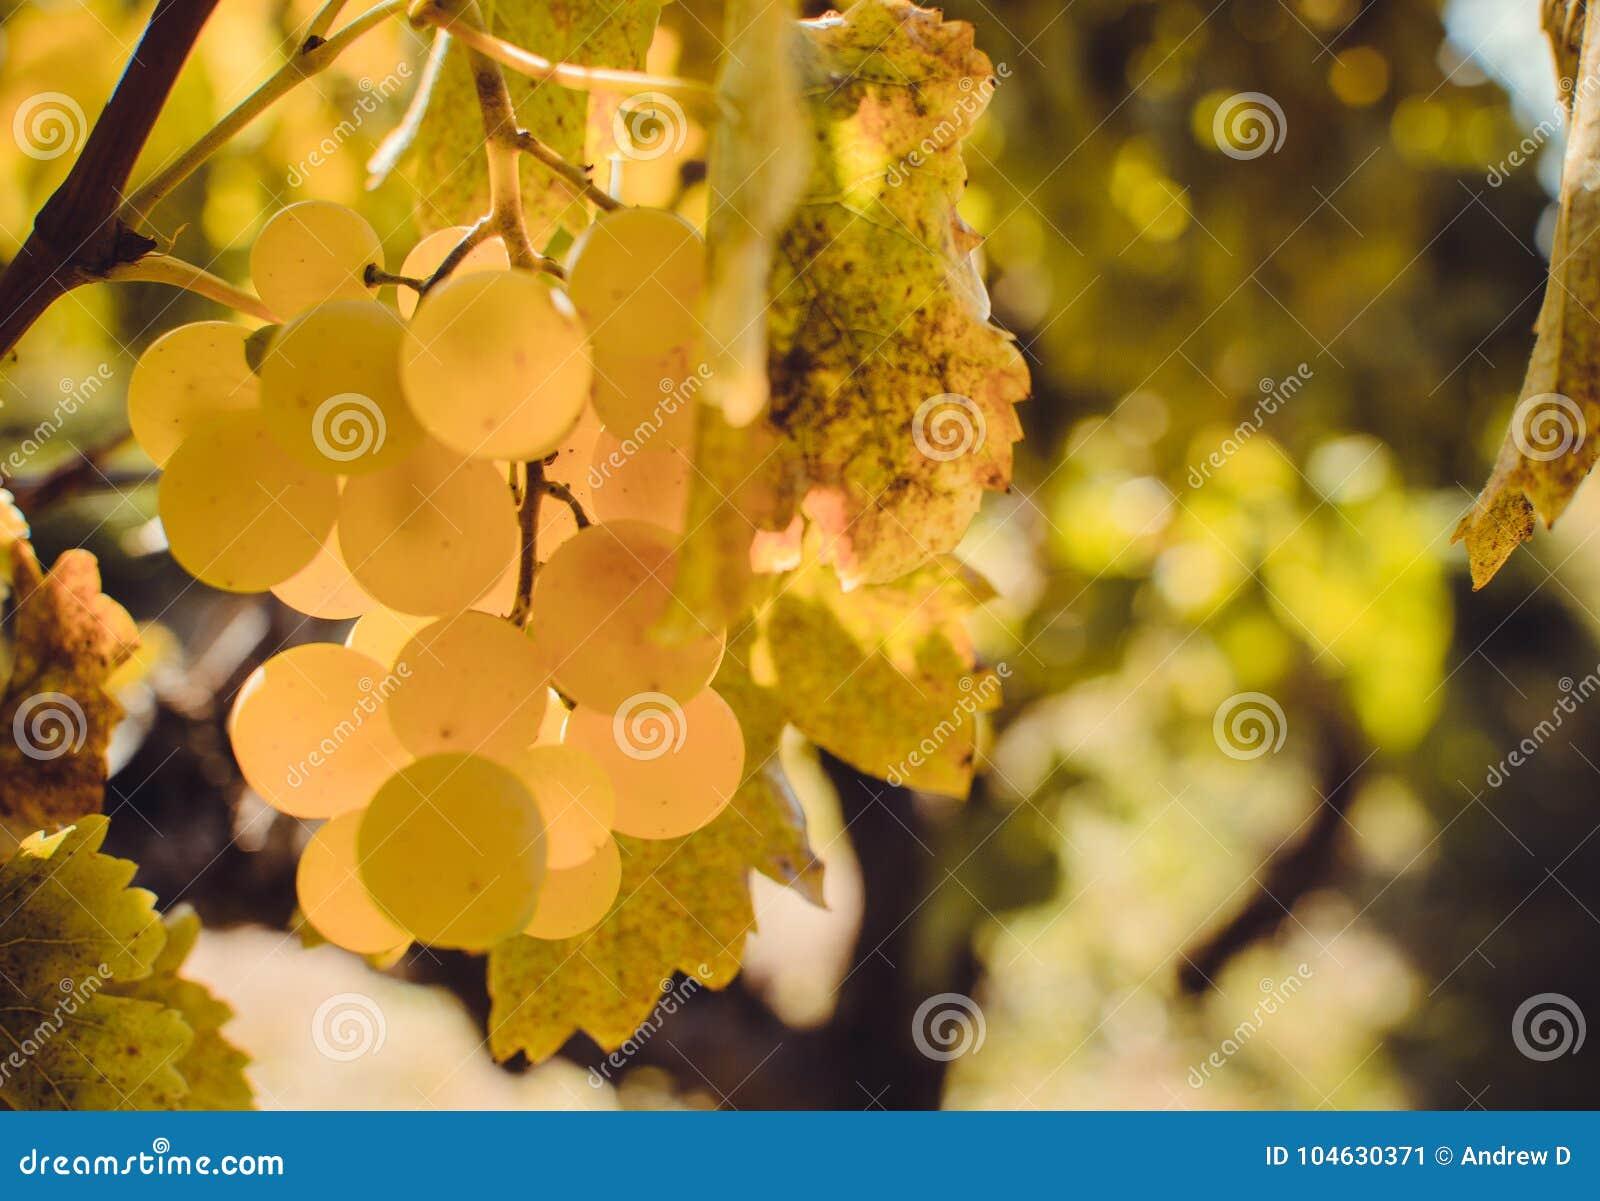 Download De Herfst in Moldavië stock afbeelding. Afbeelding bestaande uit geel - 104630371